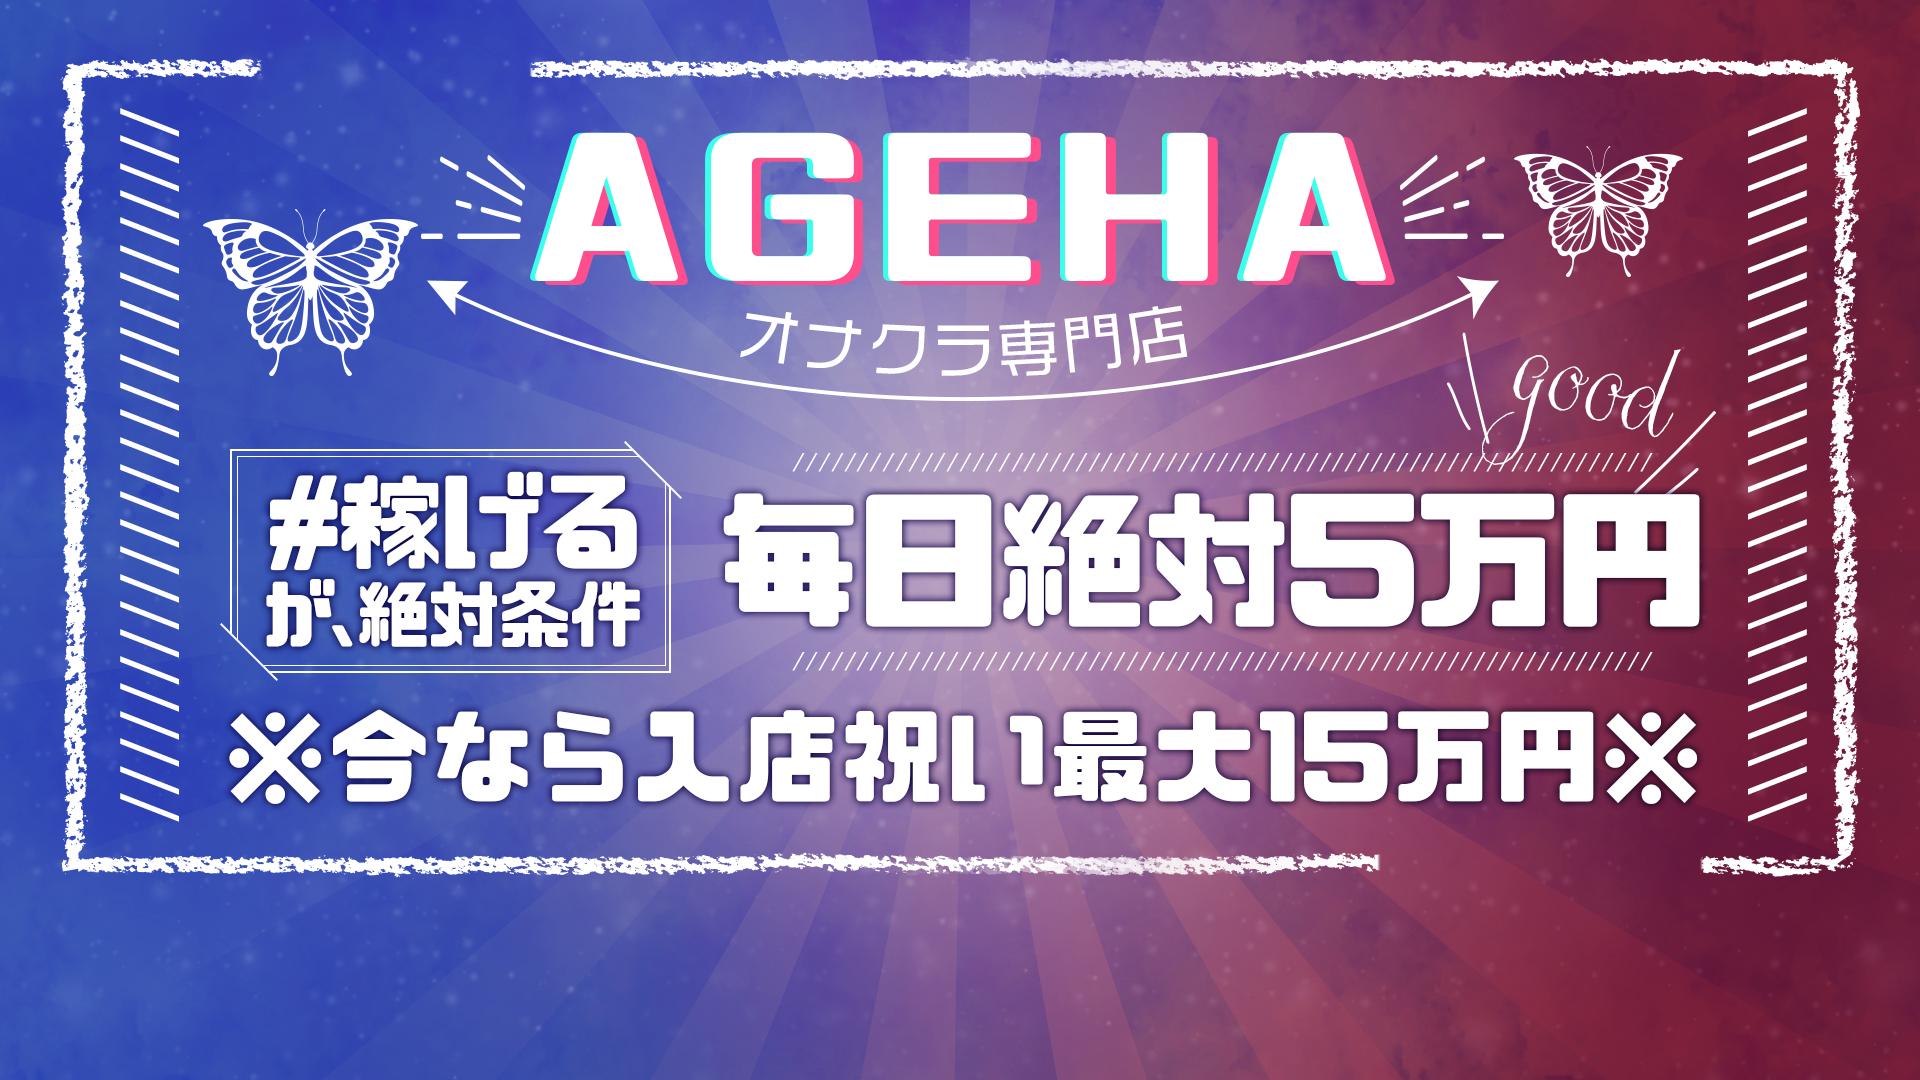 AGEHA 日本橋店の求人画像